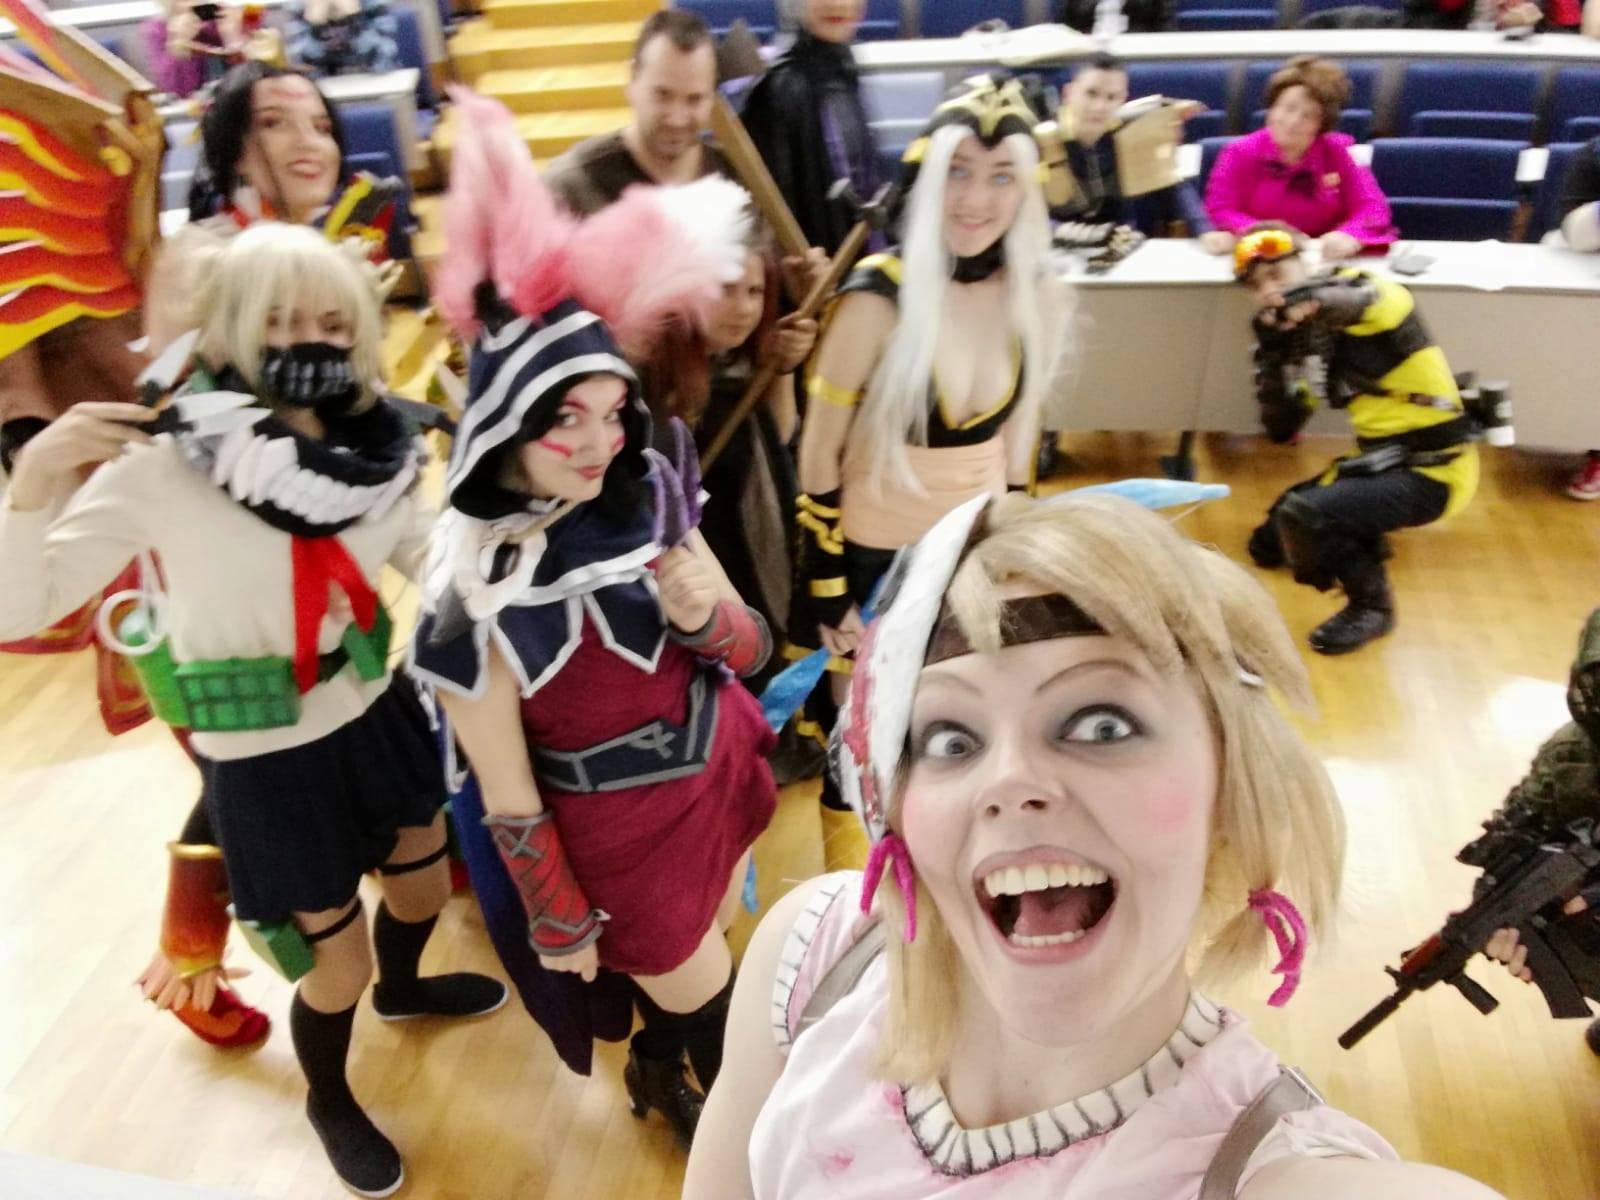 Na FantaSTikonu otkrili koje su igre najbolje za cosplay